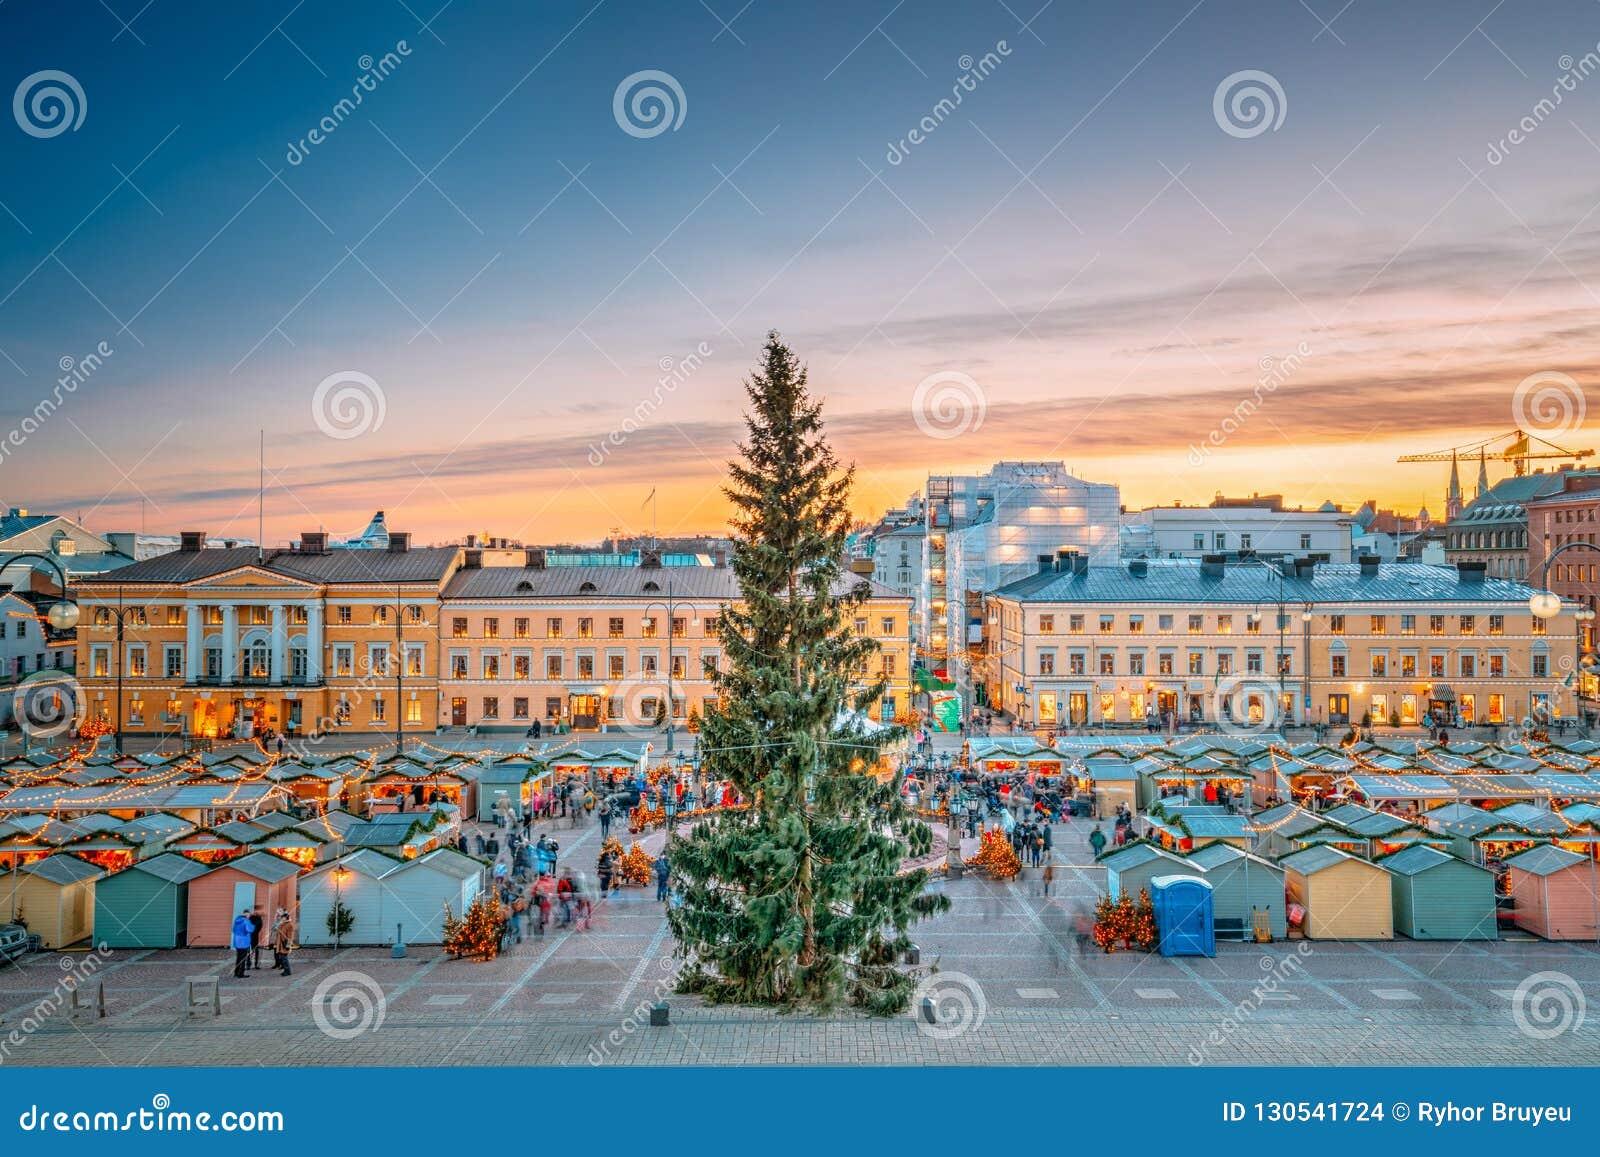 Ελσίνκι, Φινλανδία Αγορά Χριστουγέννων Χριστουγέννων με το χριστουγεννιάτικο δέντρο επάνω